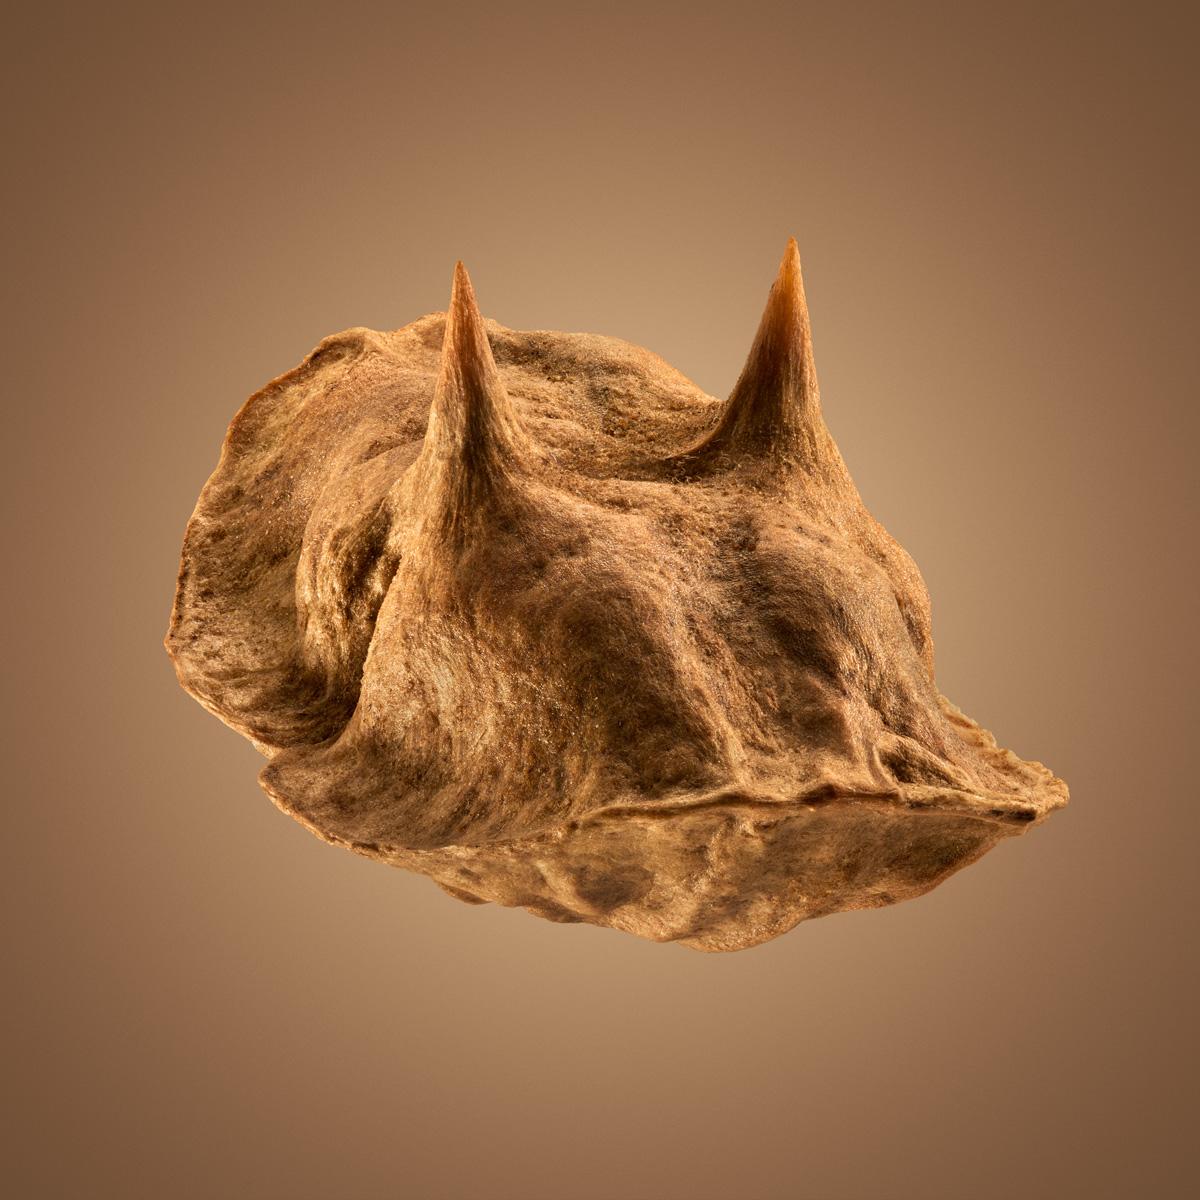 Удивительные детали экзотических семян под микроскопом